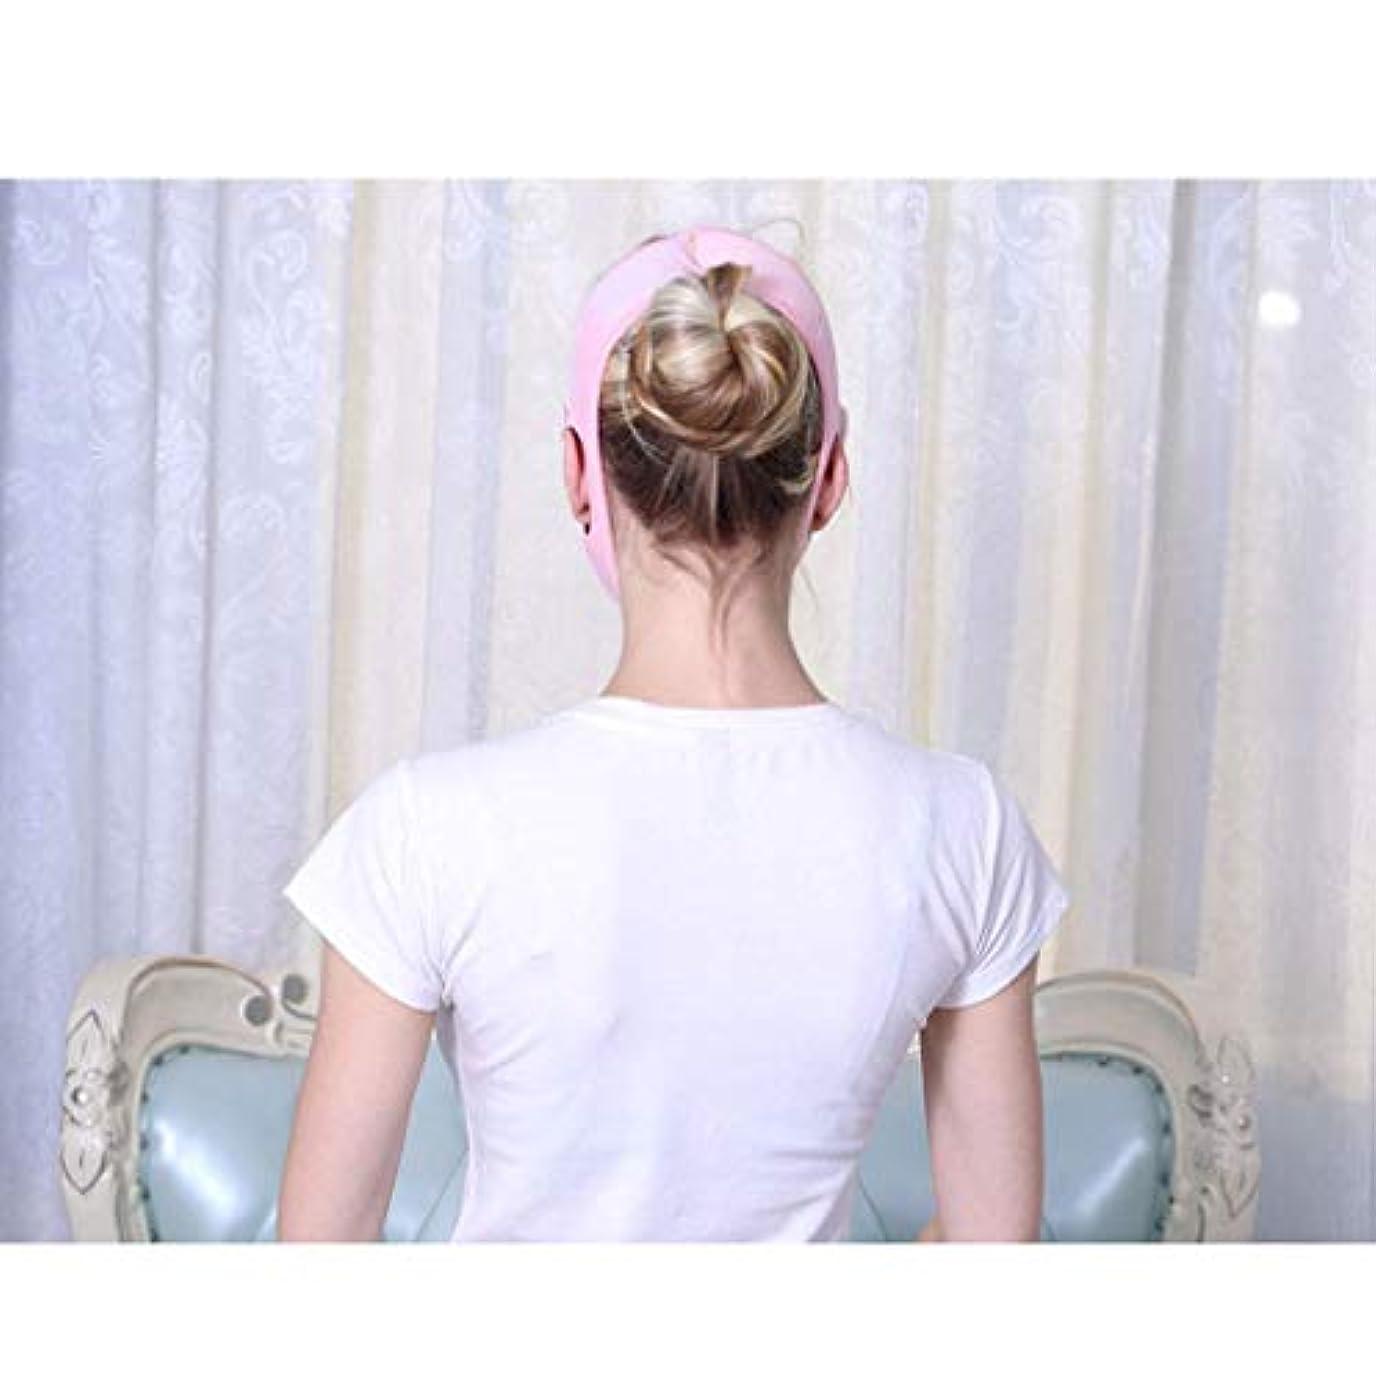 スナック止まる読む薄型フェイスベルト、V字絆創膏ダブルマスクあご取り法用マスクリフティングファーミングスリーピングマスク(カラー:ホワイト),ピンク